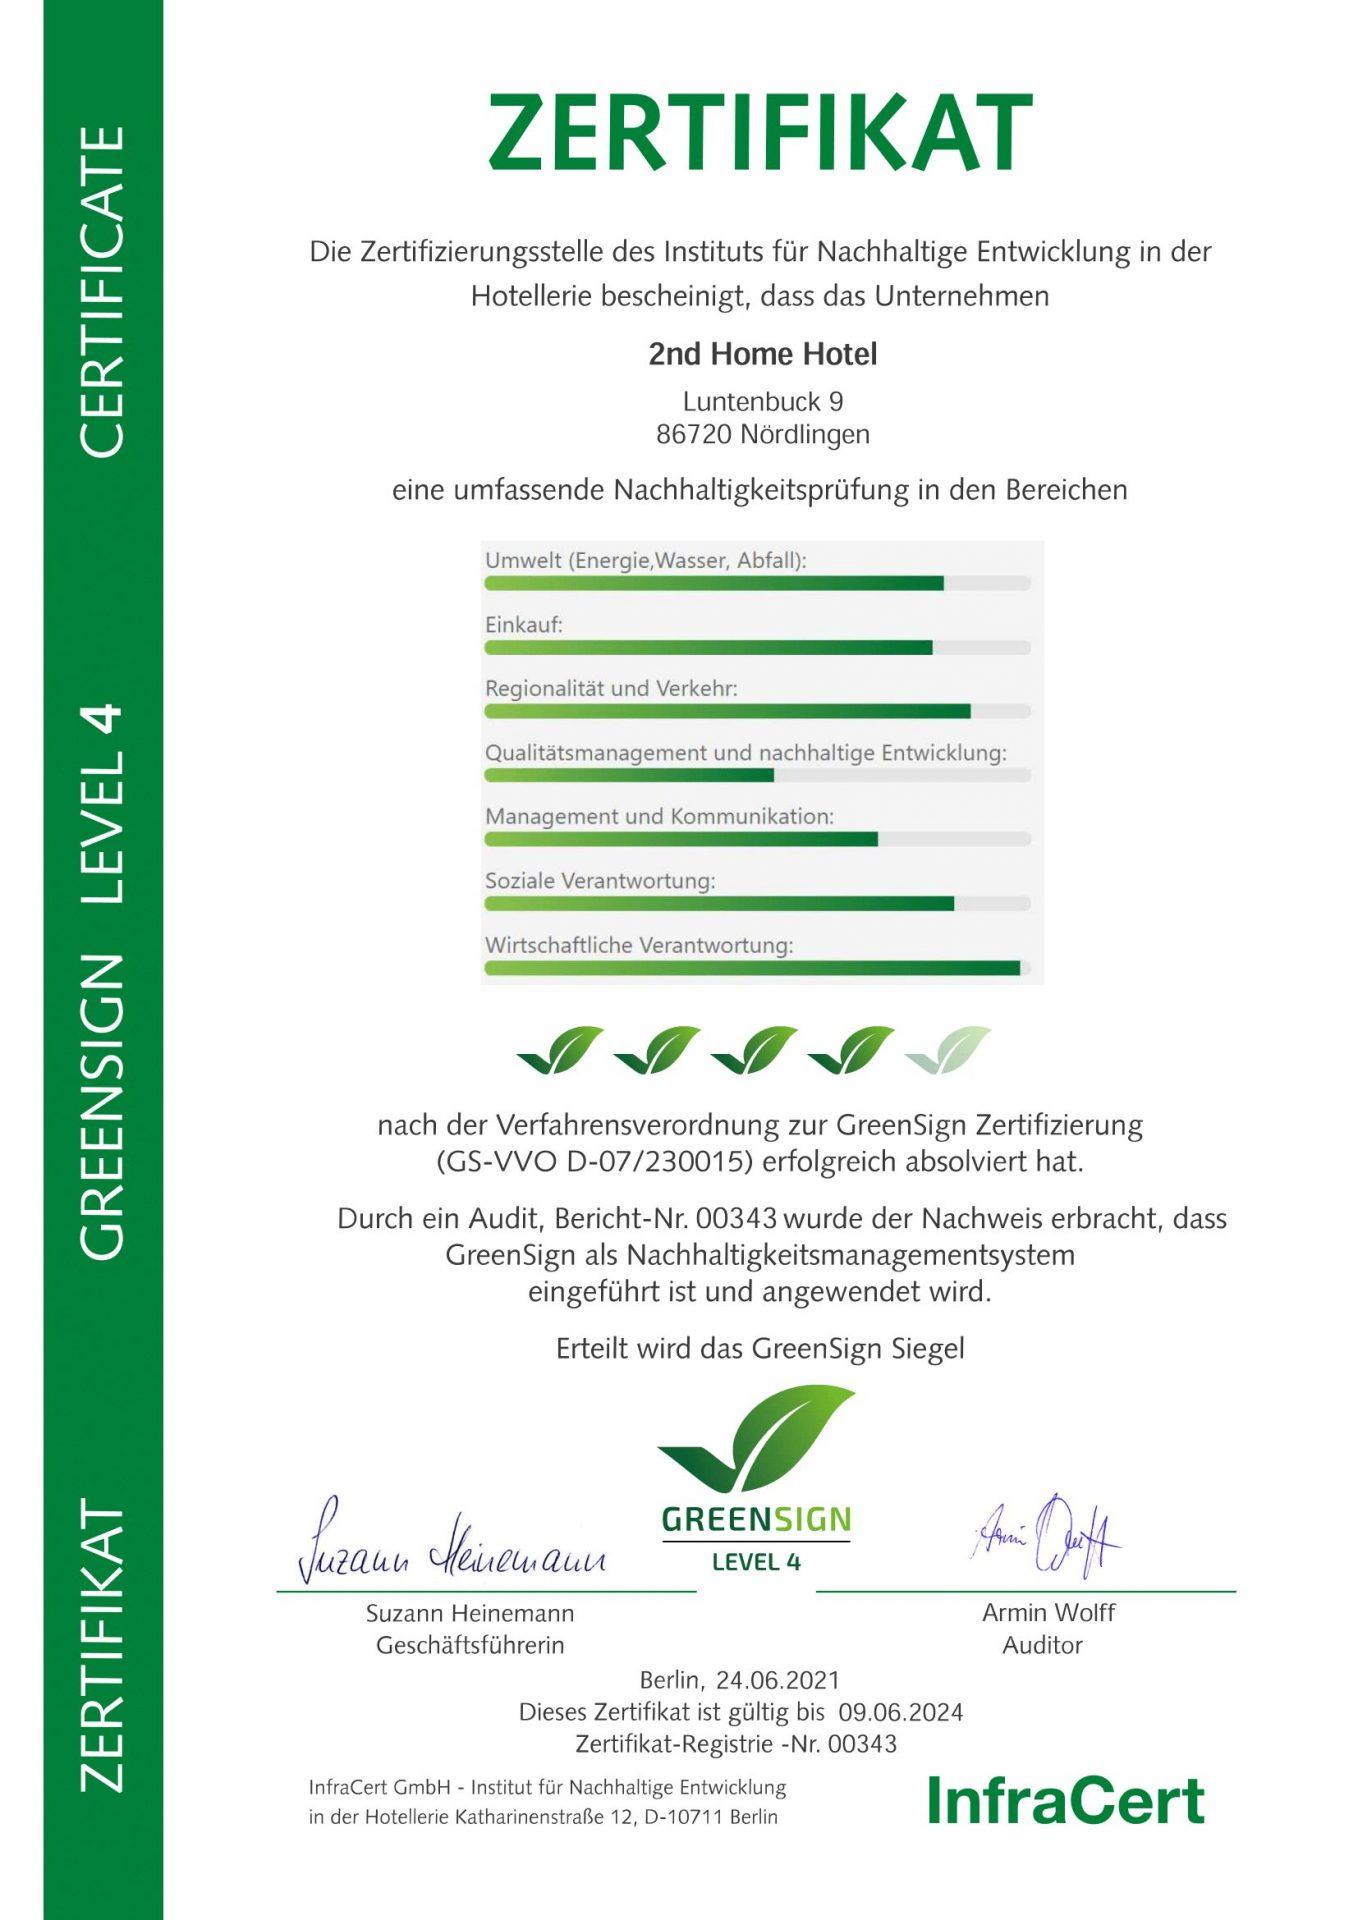 Nachhaltigkeits-Zertifikat 2ND HOME HOTEL